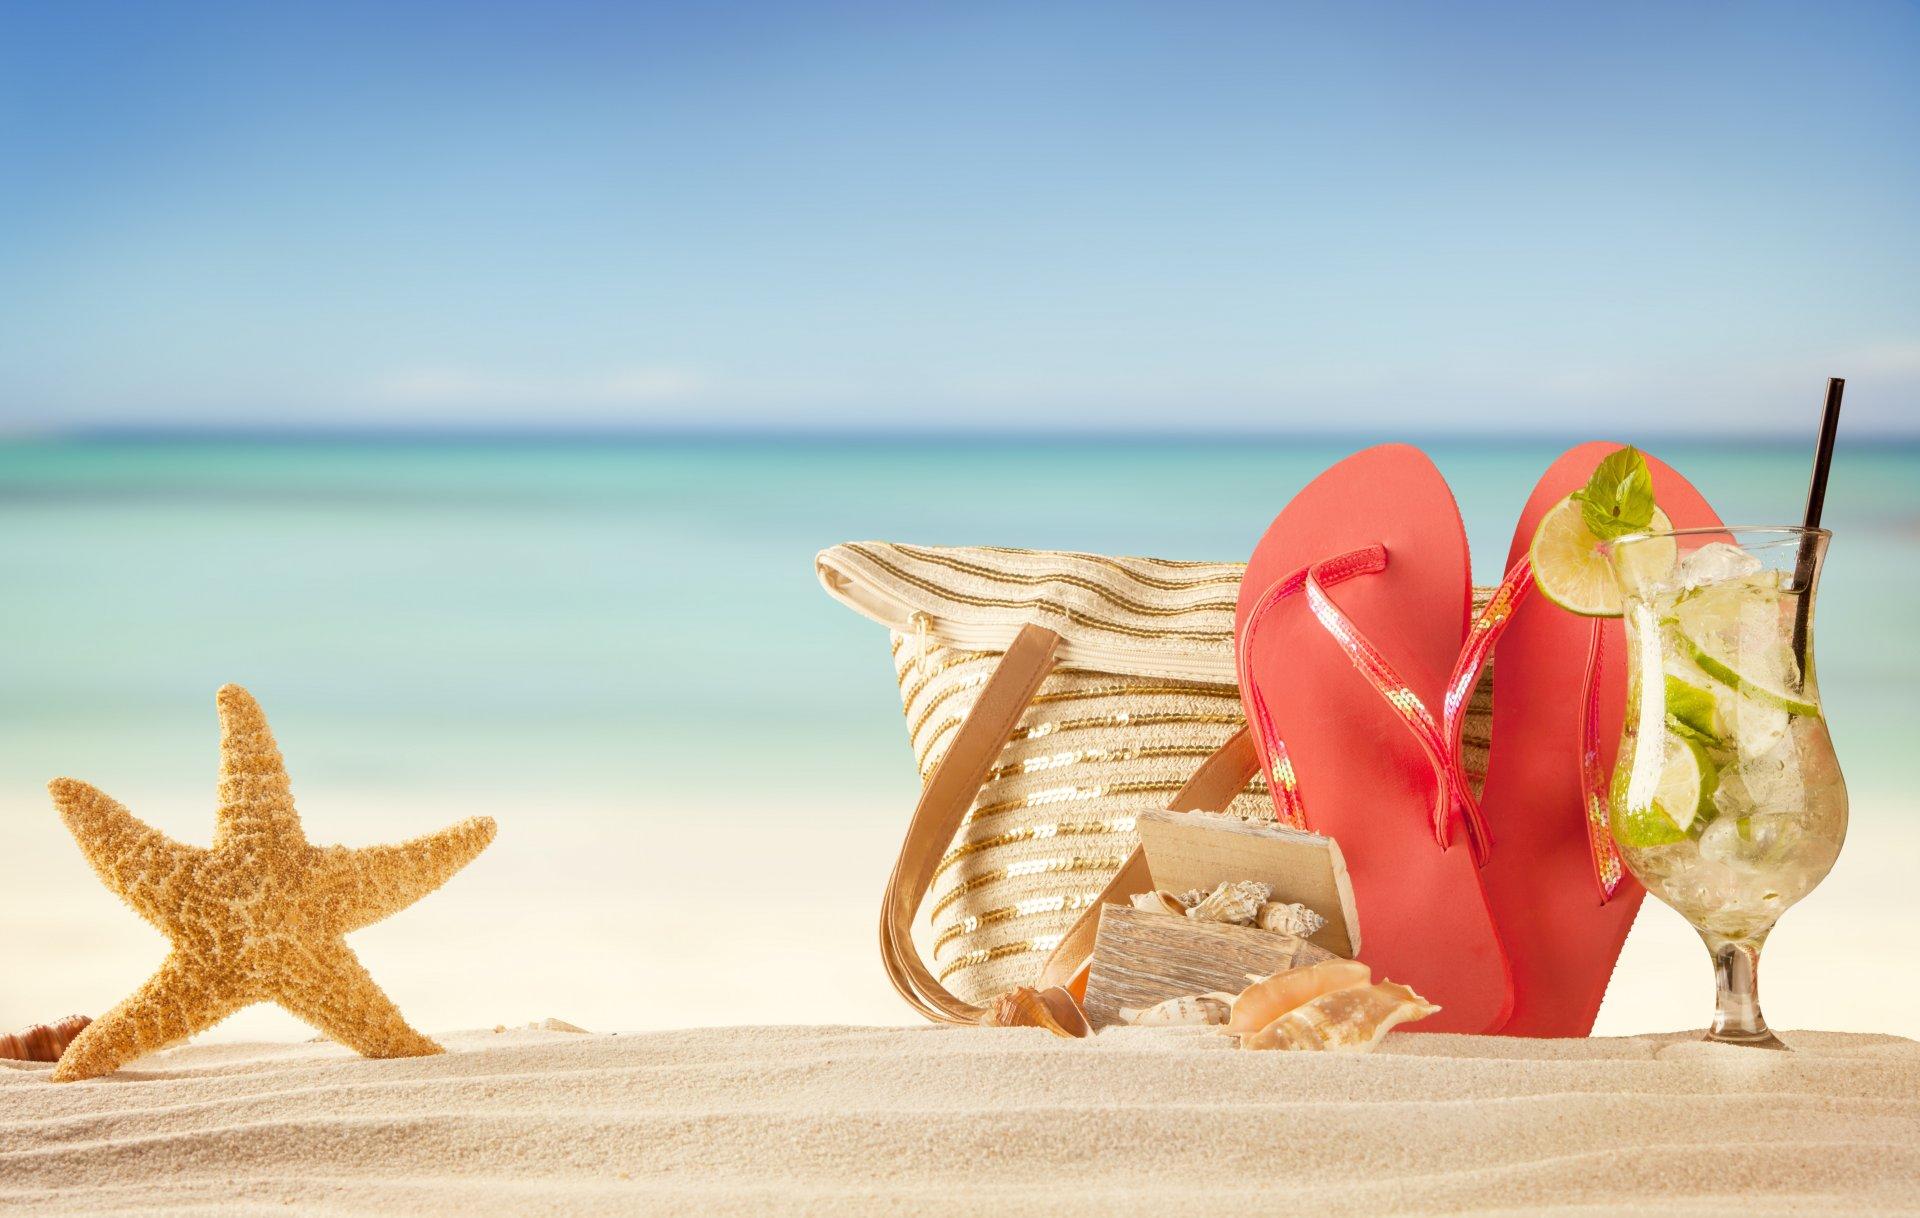 летние пляжи обои на рабочий стол № 491170 бесплатно